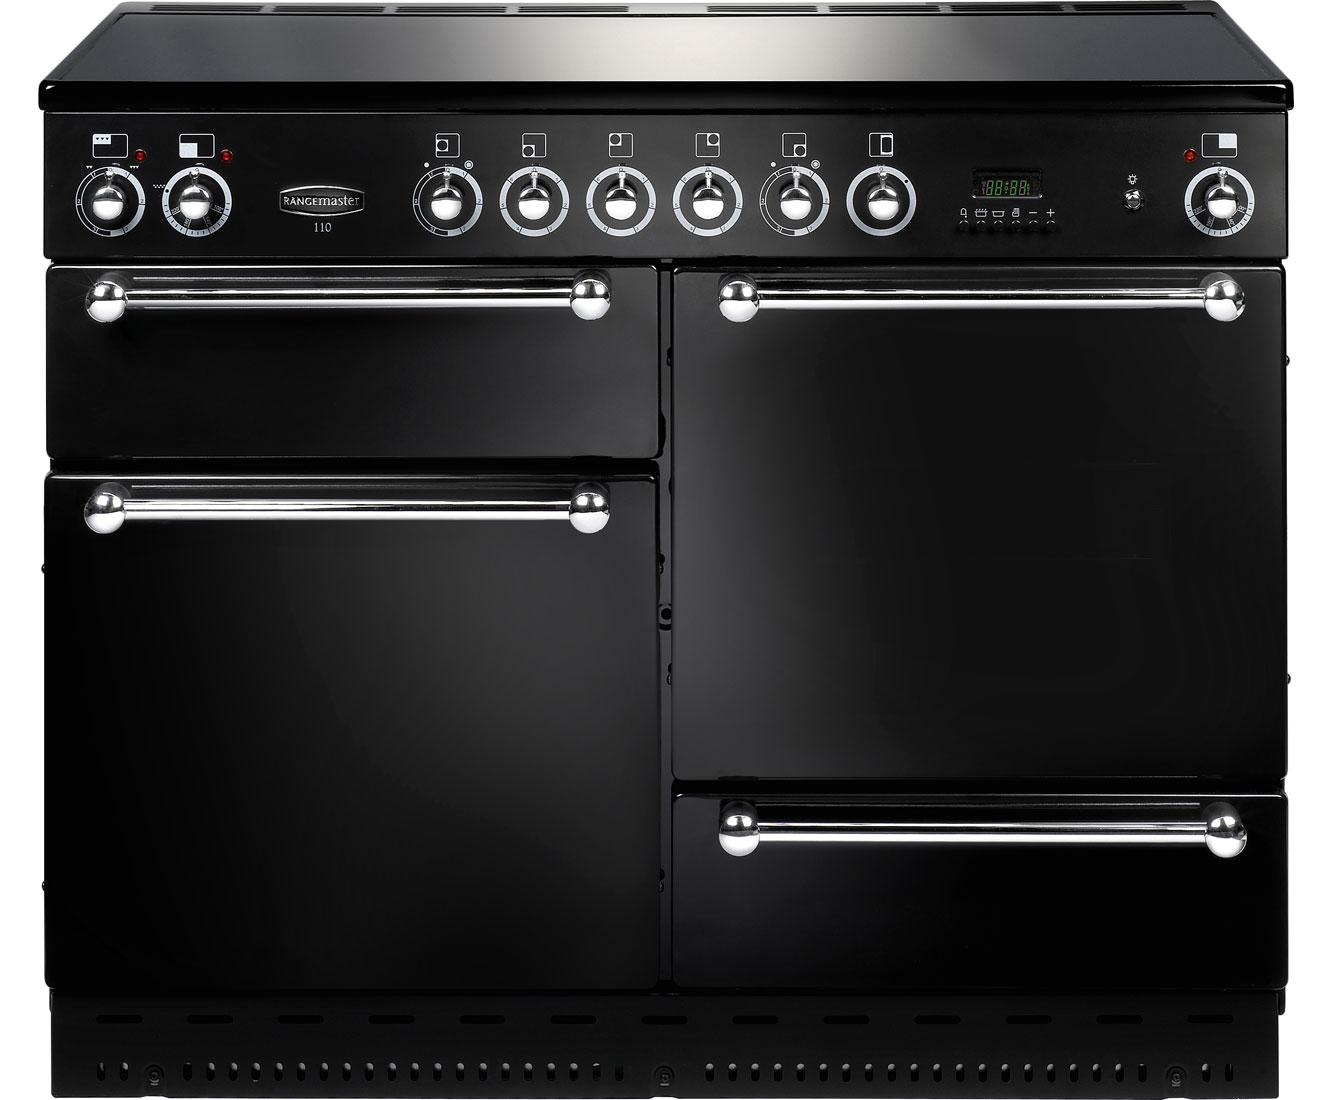 Rangemaster RMS110ECBLSDC Free Standing Range Cooker in Black  Chrome